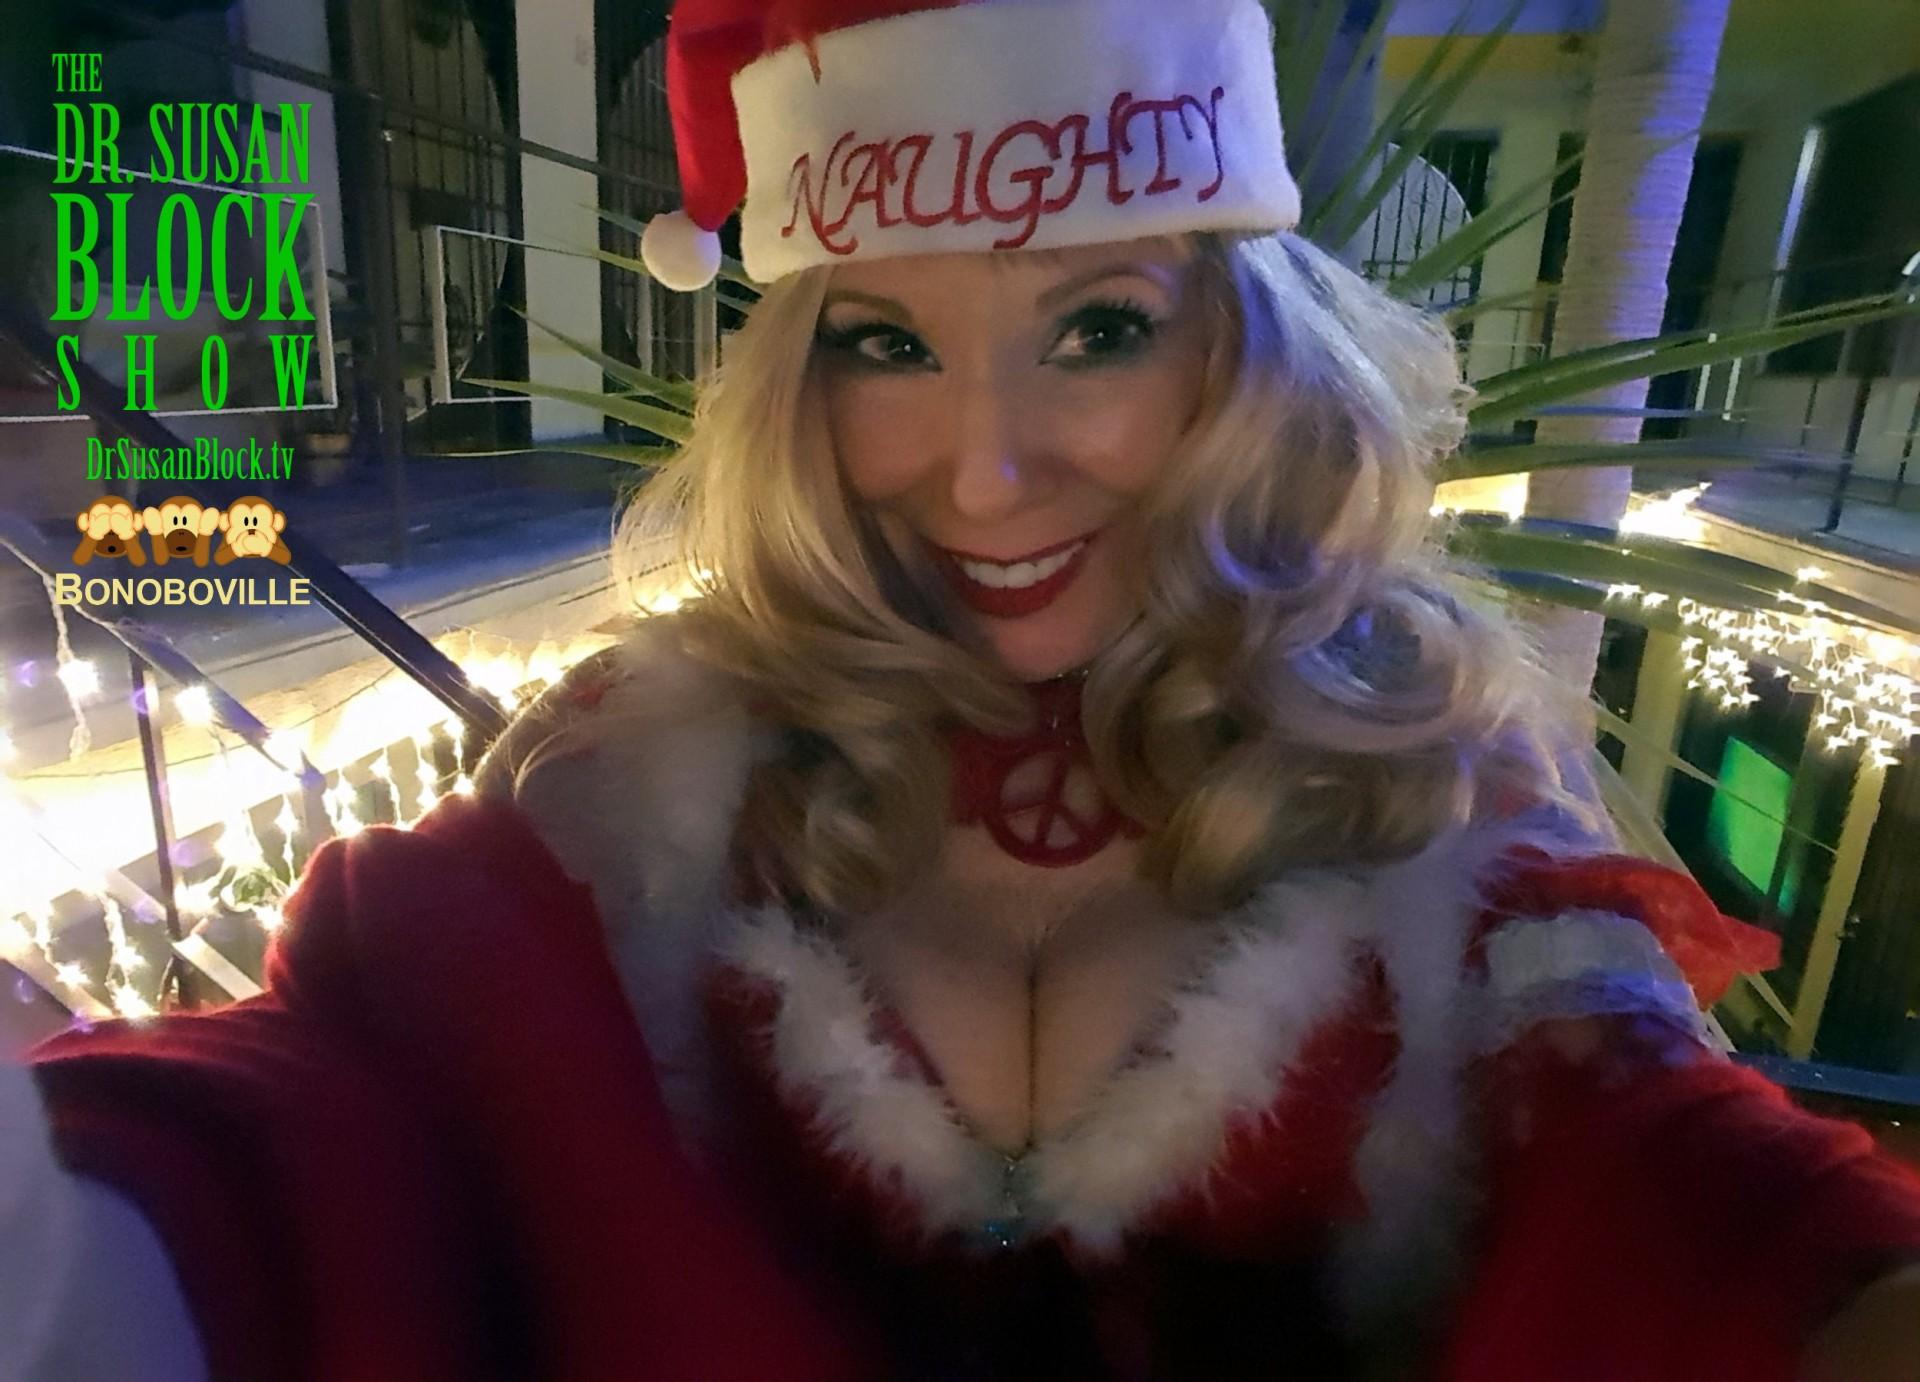 What would Mrs. Santa say?